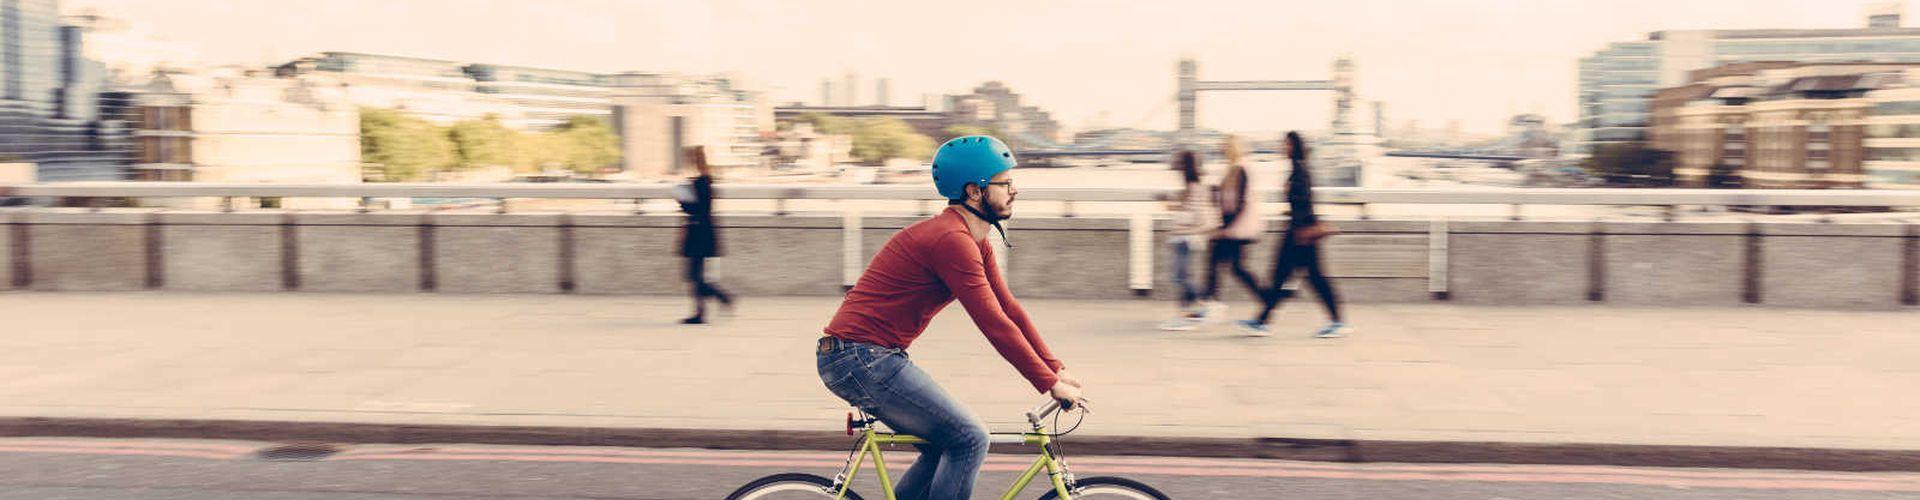 Coole Radrouten in den 10 größten Städten Europas